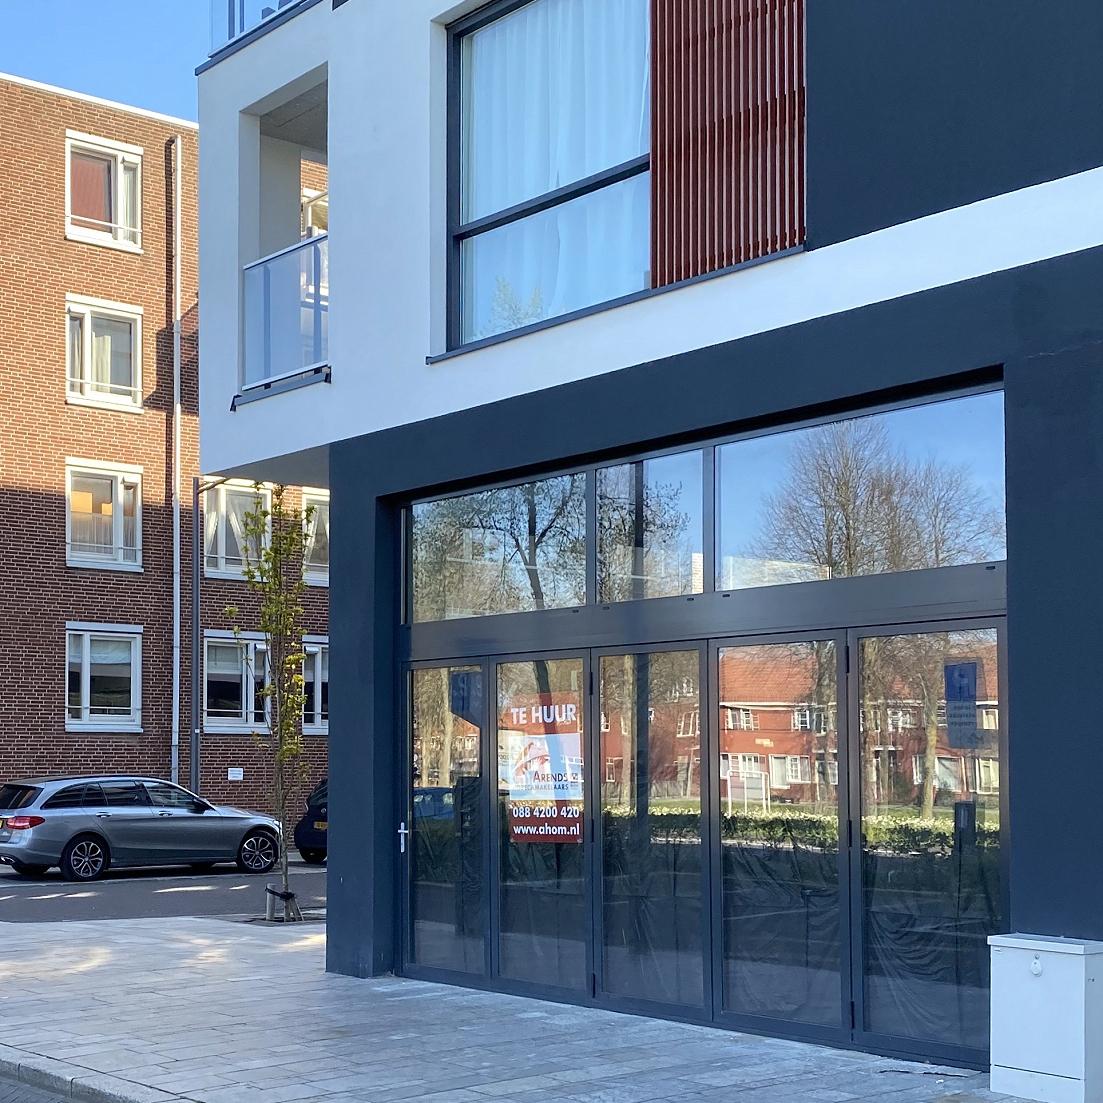 Casco horecaruimte in Almere Centrum